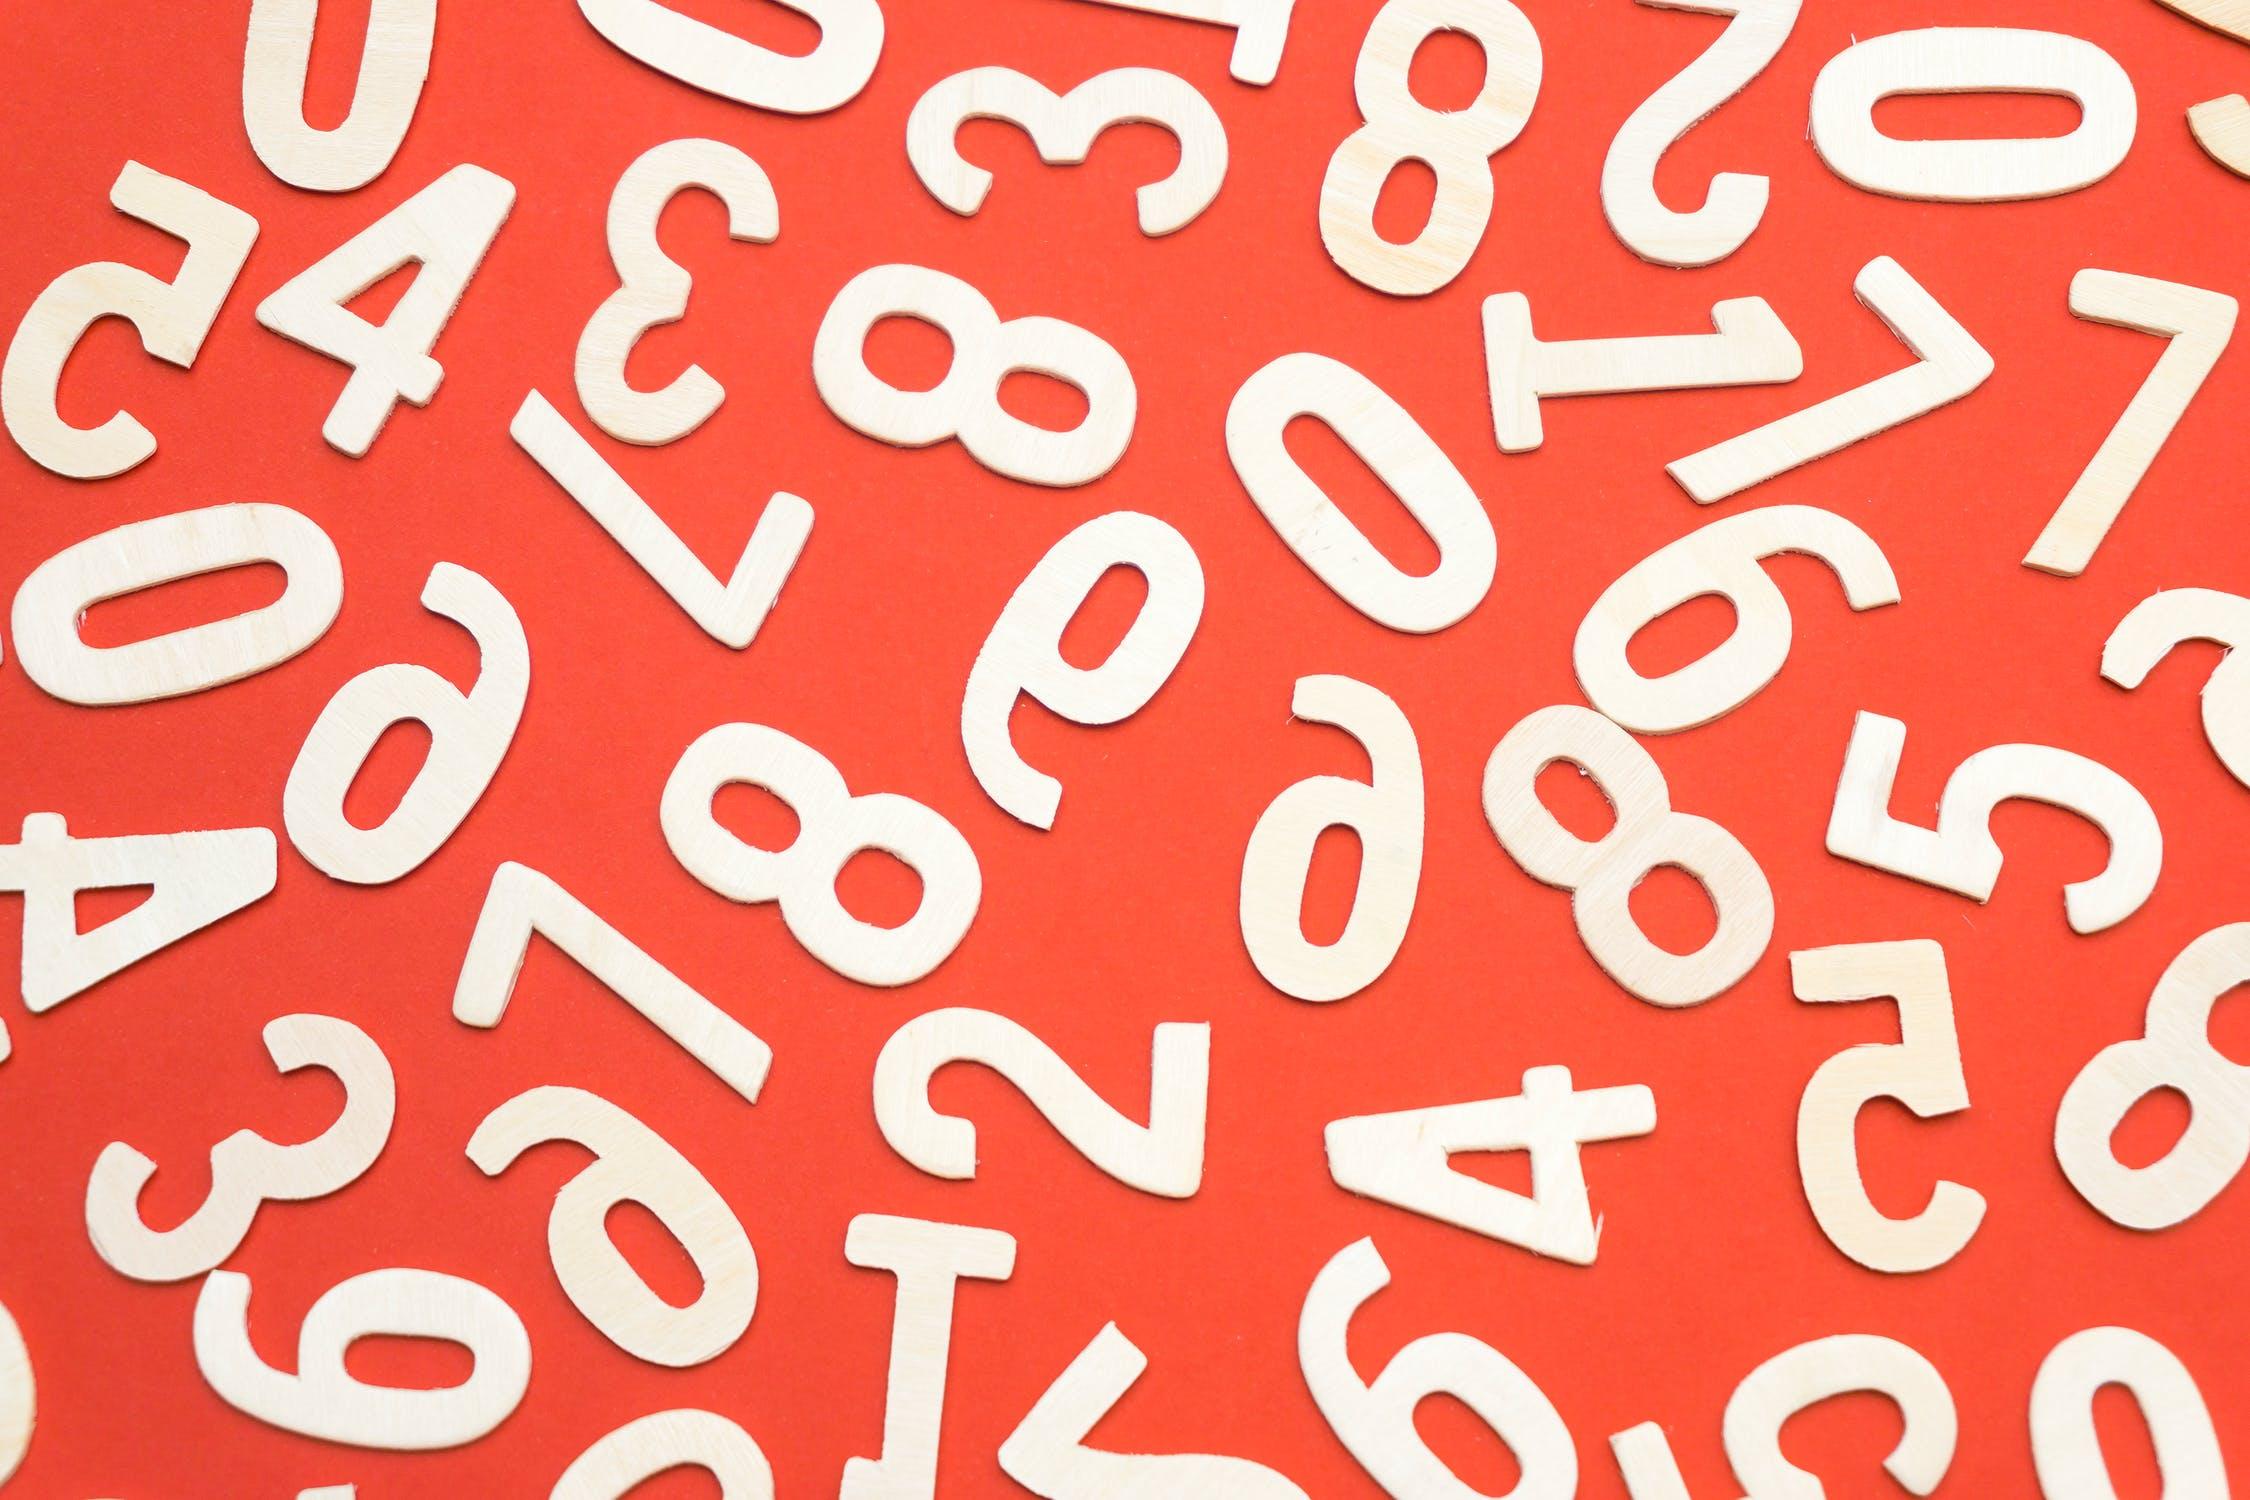 multe numere